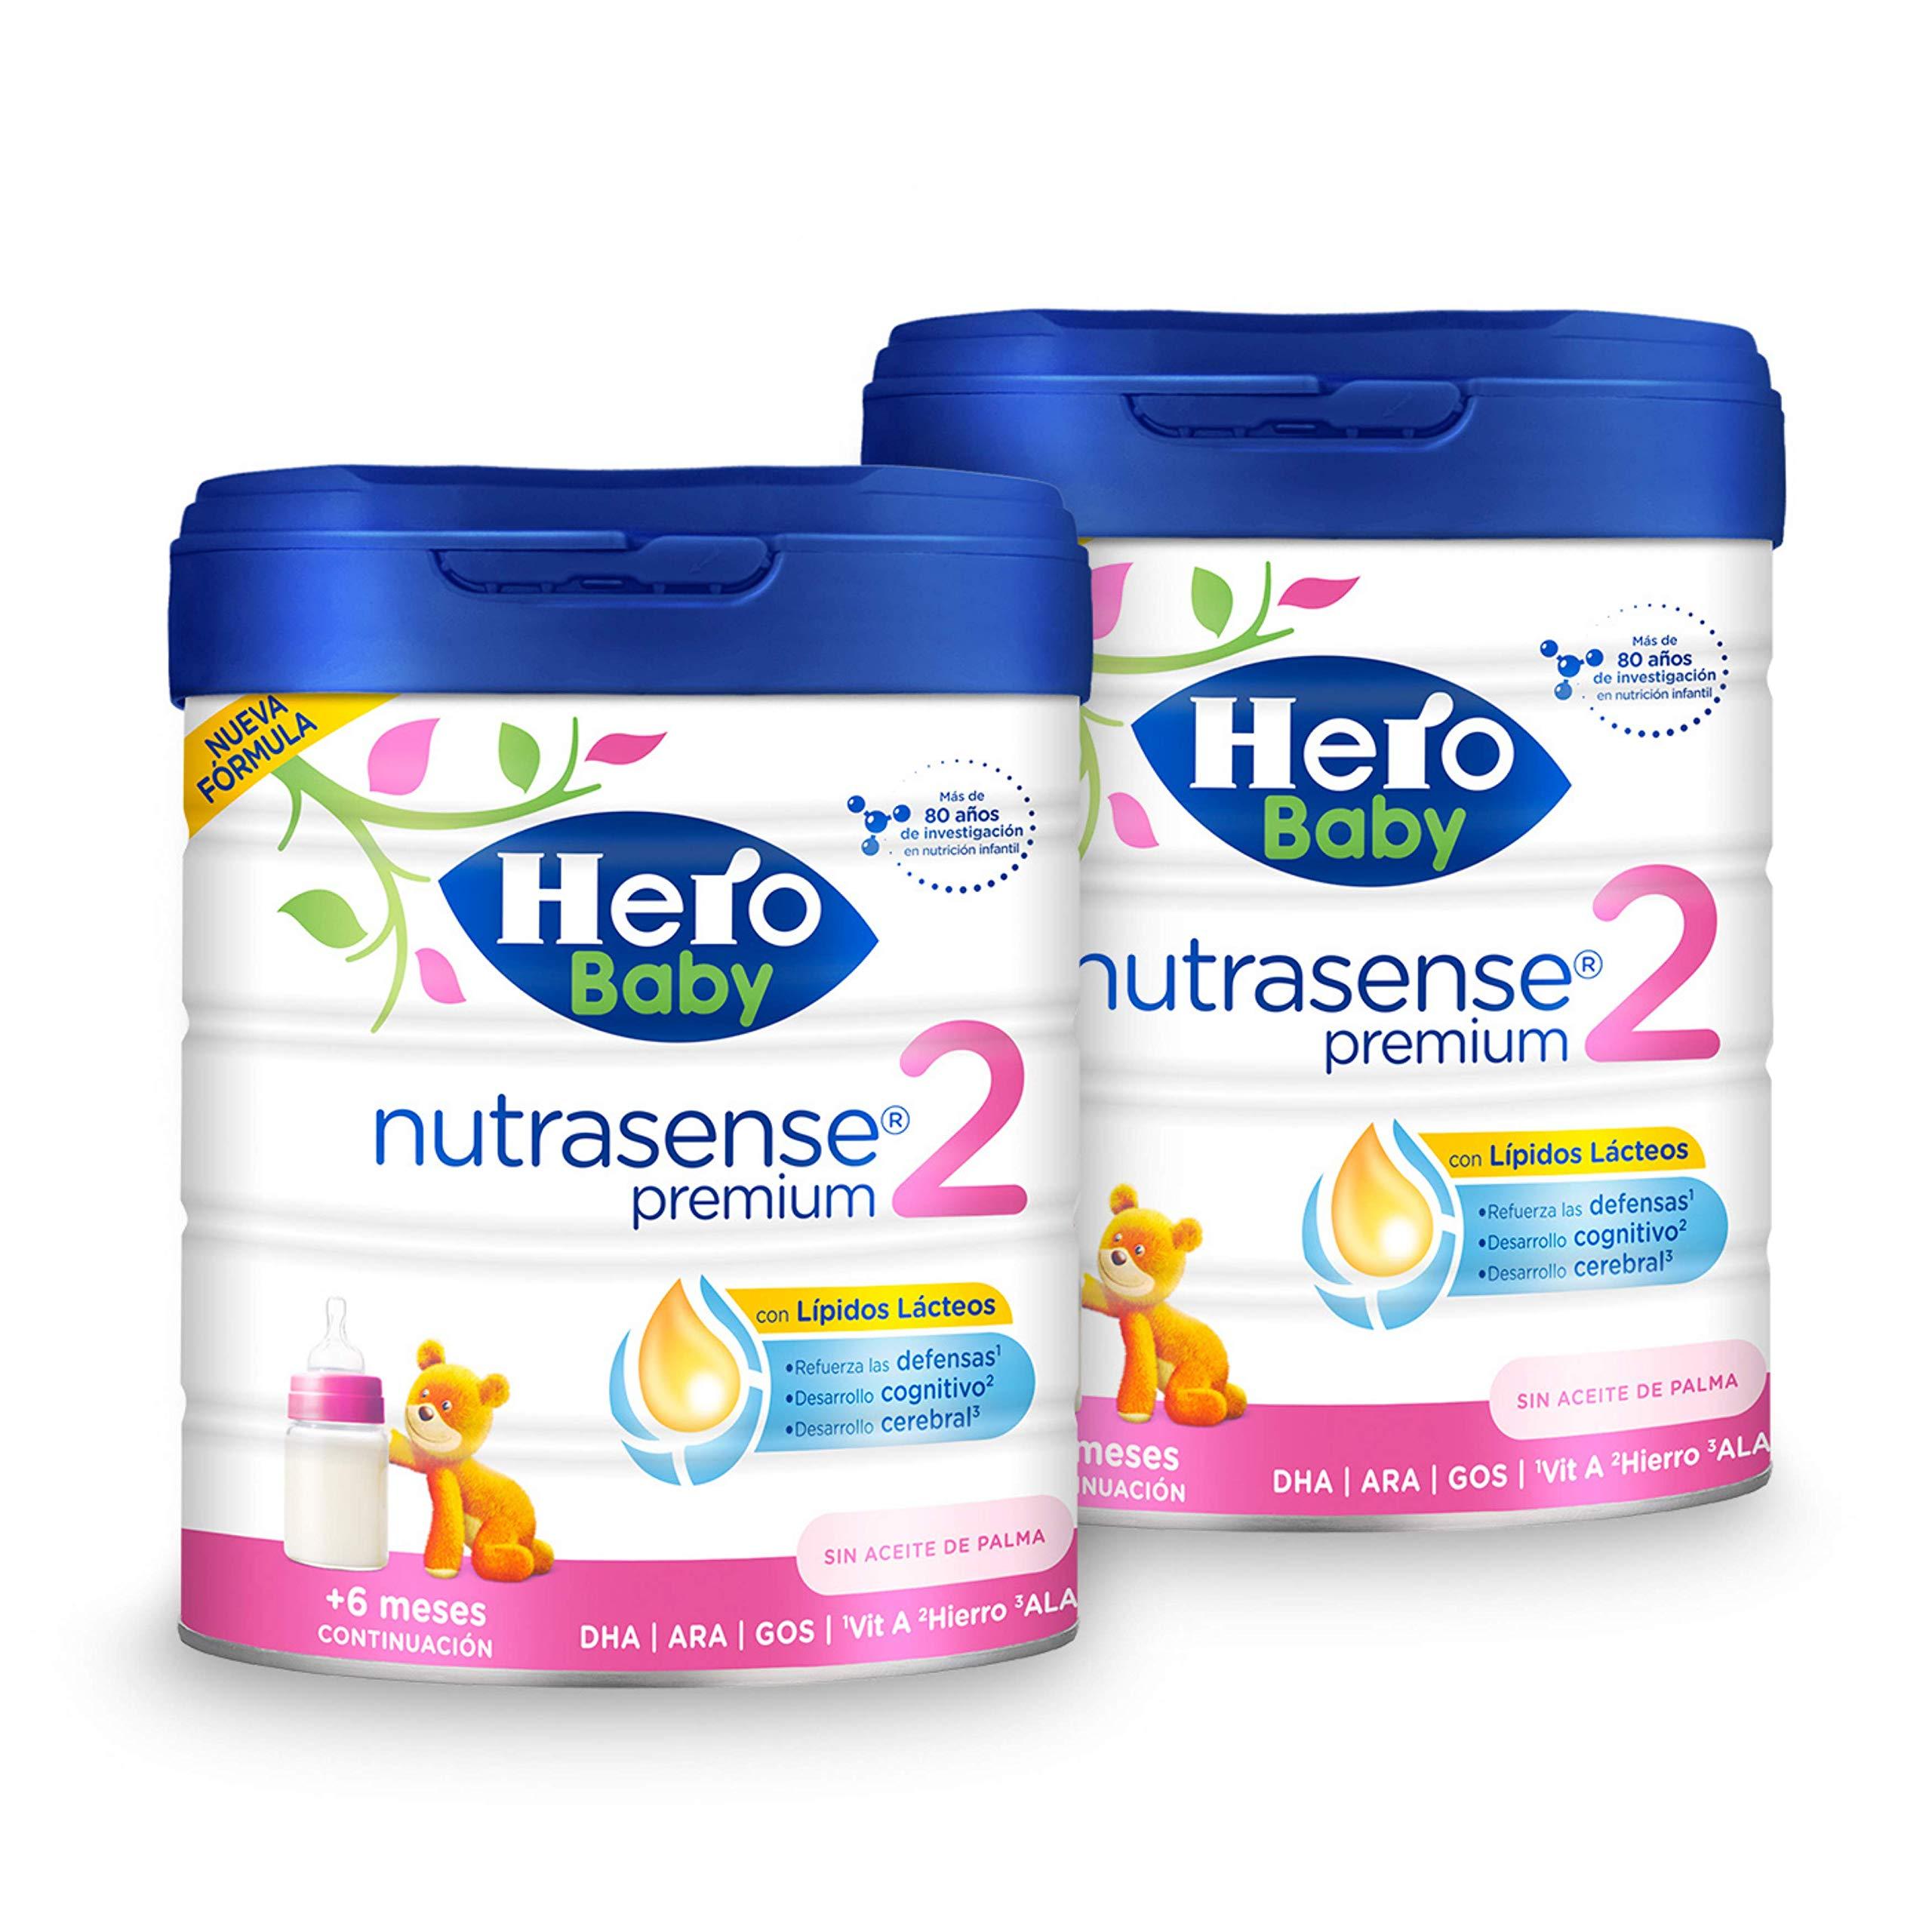 Hero Baby - Nutrasense Premium 2 - Leche de Inicio en Polvo para Bebés hasta los 6 Meses, Crecimiento y Desarrollo - Pack de 2 x 800g